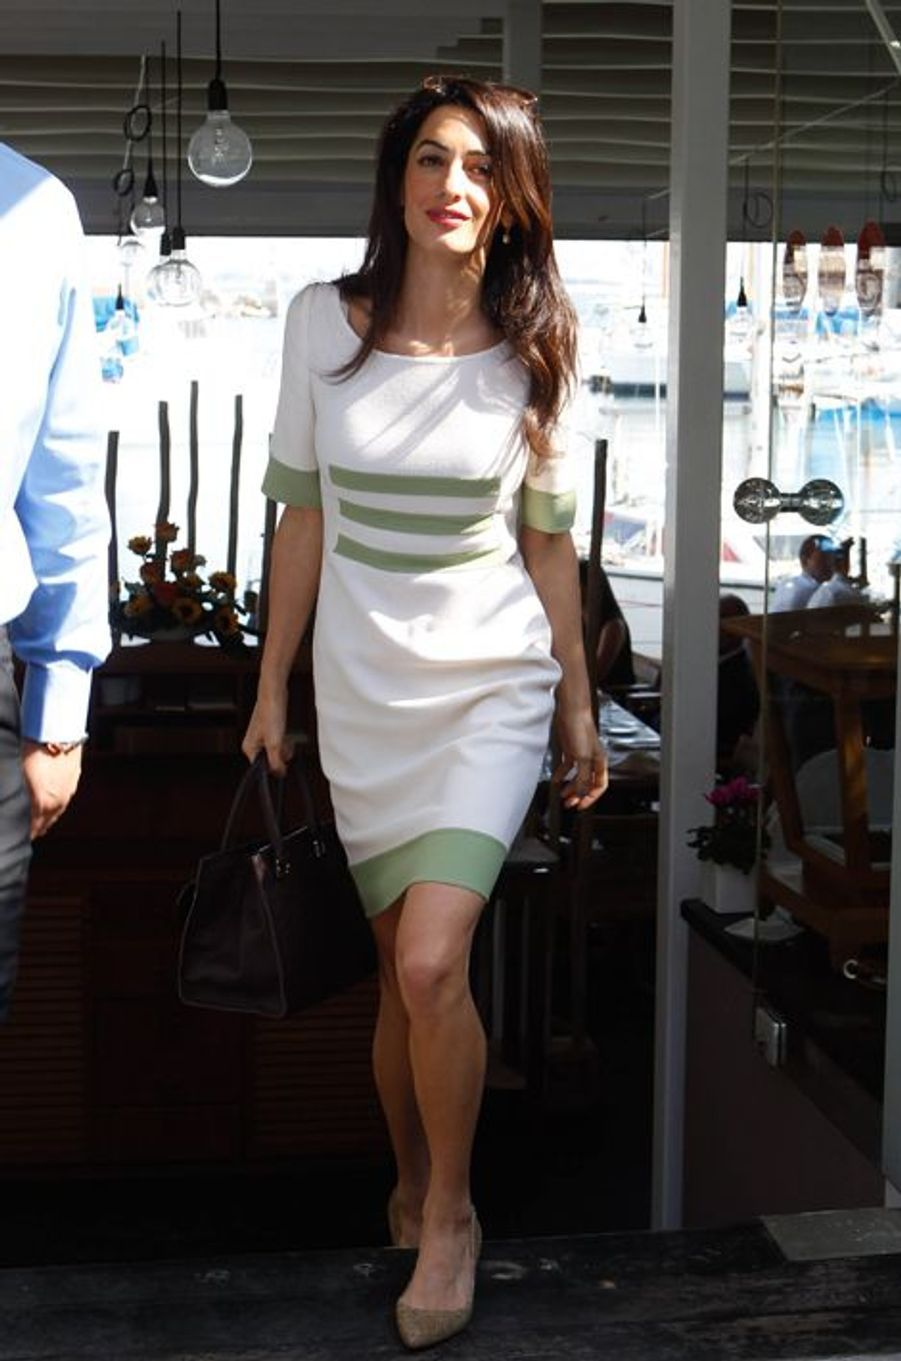 De passage en Grèce pour défendre le dossier épineux des frises du Parthénon, la juriste anglaise s'était affichée en robe Camilla Bona Haute Couture (840 euros) assortie à un sac Ballin (975 euros). Coût total : 1.815 euros.